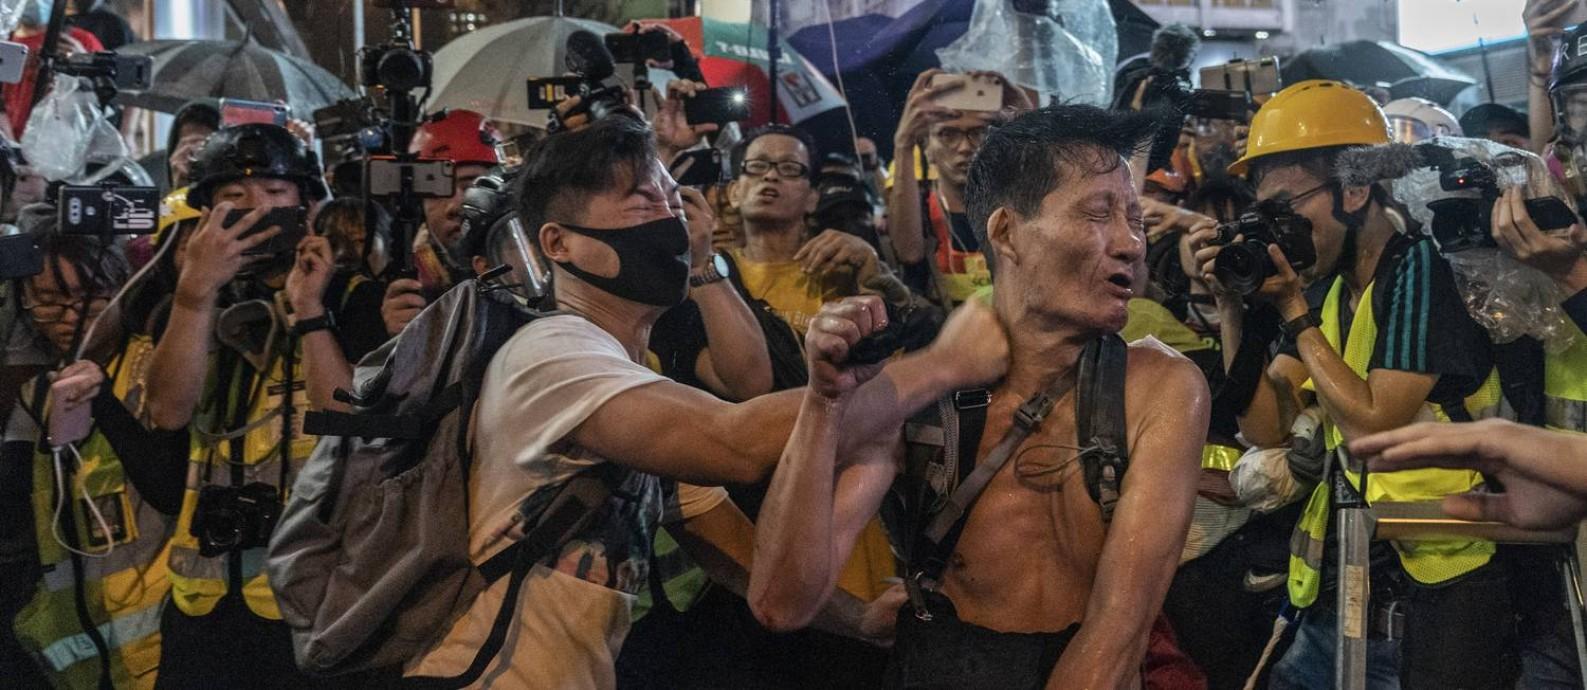 Um jovem mascarado agride um homem sem camisa enquanto jornalistas tiram fotos na área de Kowloon, em Hong Kong Foto: ADAM DEAN / NYT 6-10-19